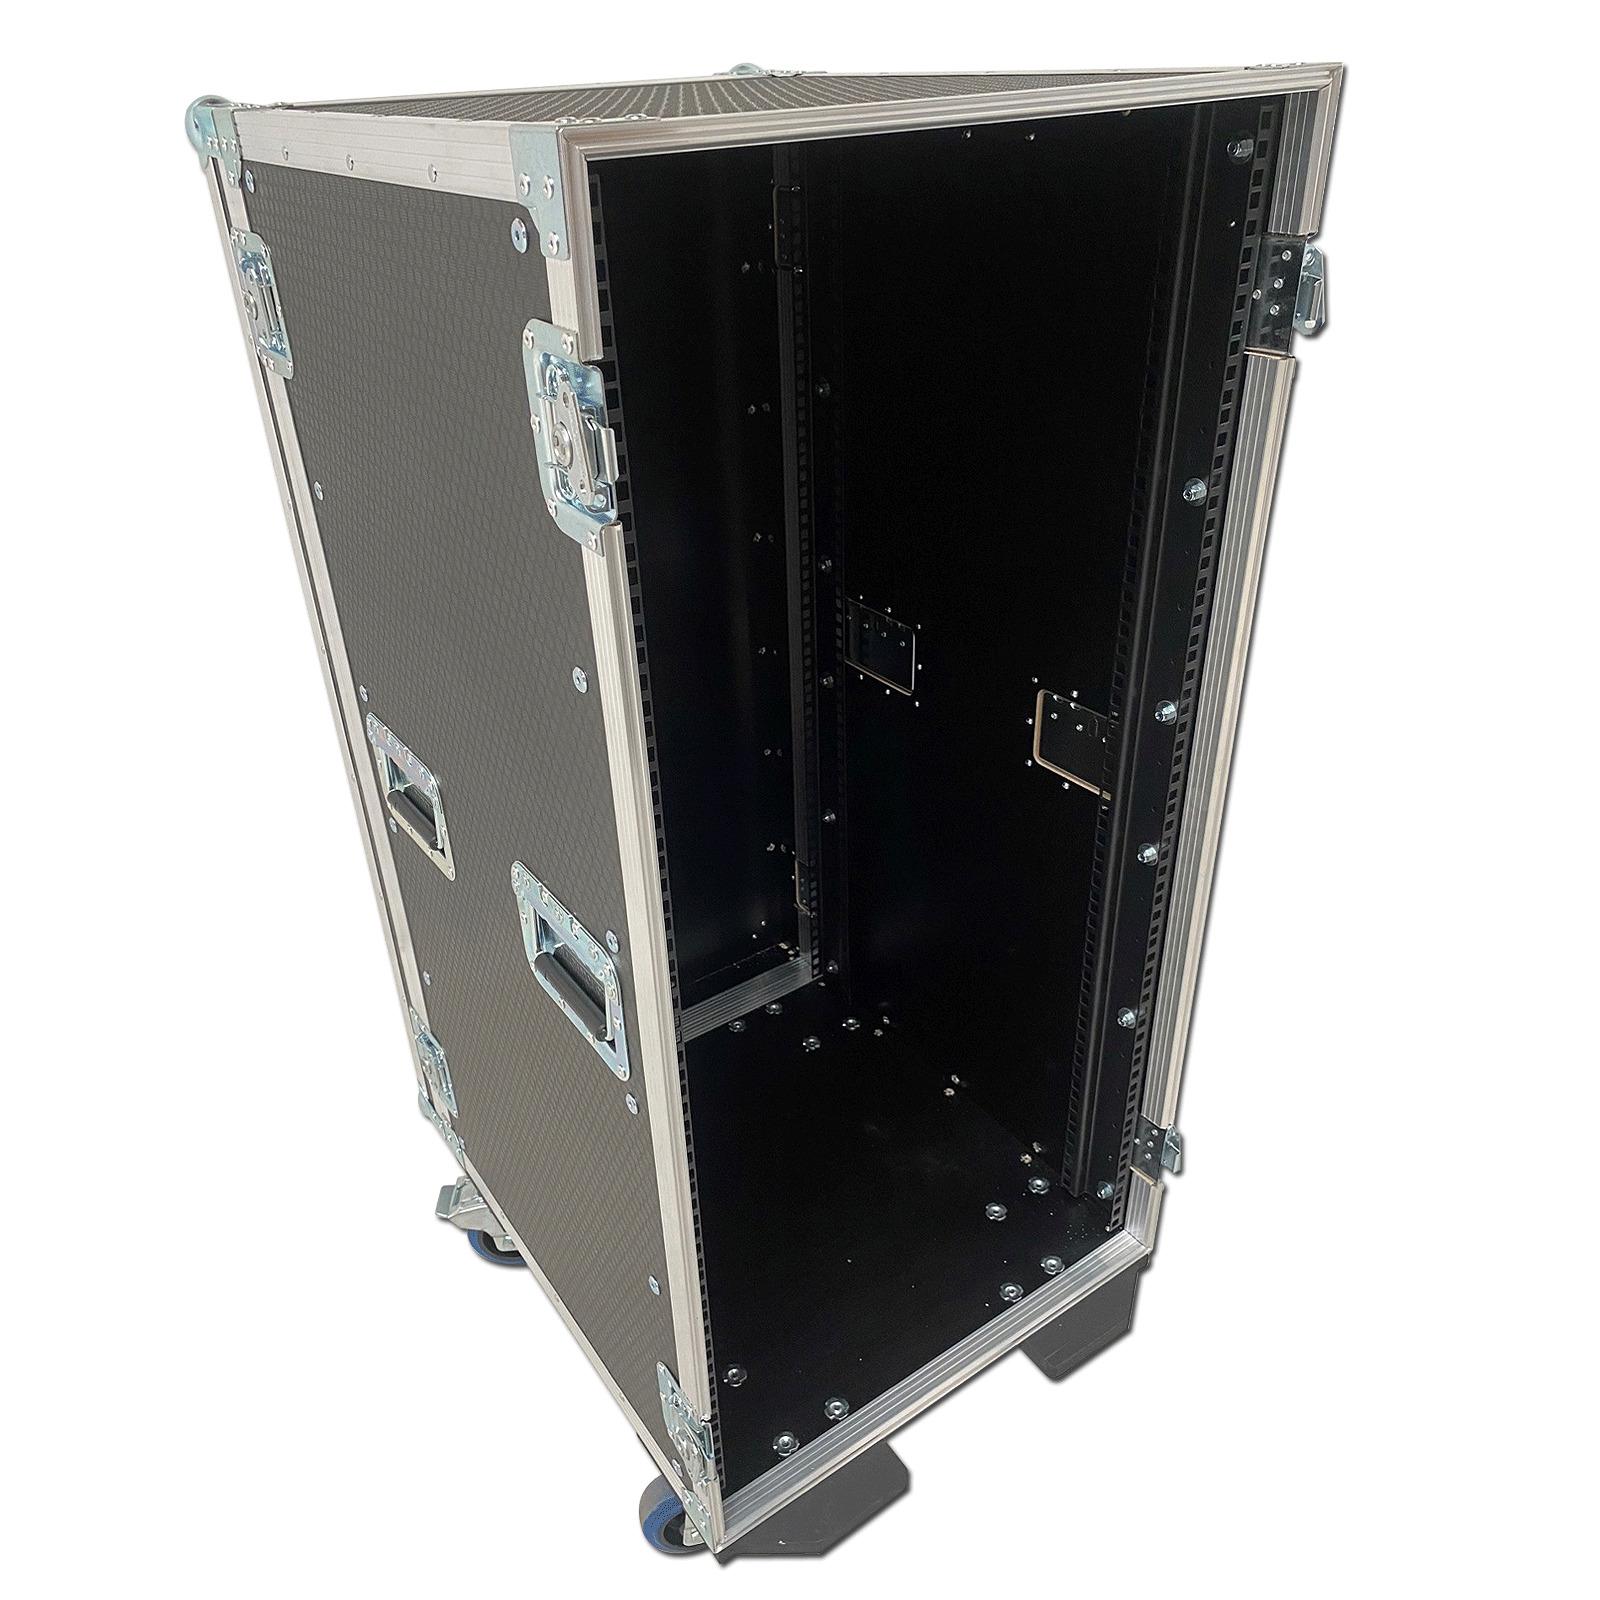 22u rack case flight case. Black Bedroom Furniture Sets. Home Design Ideas